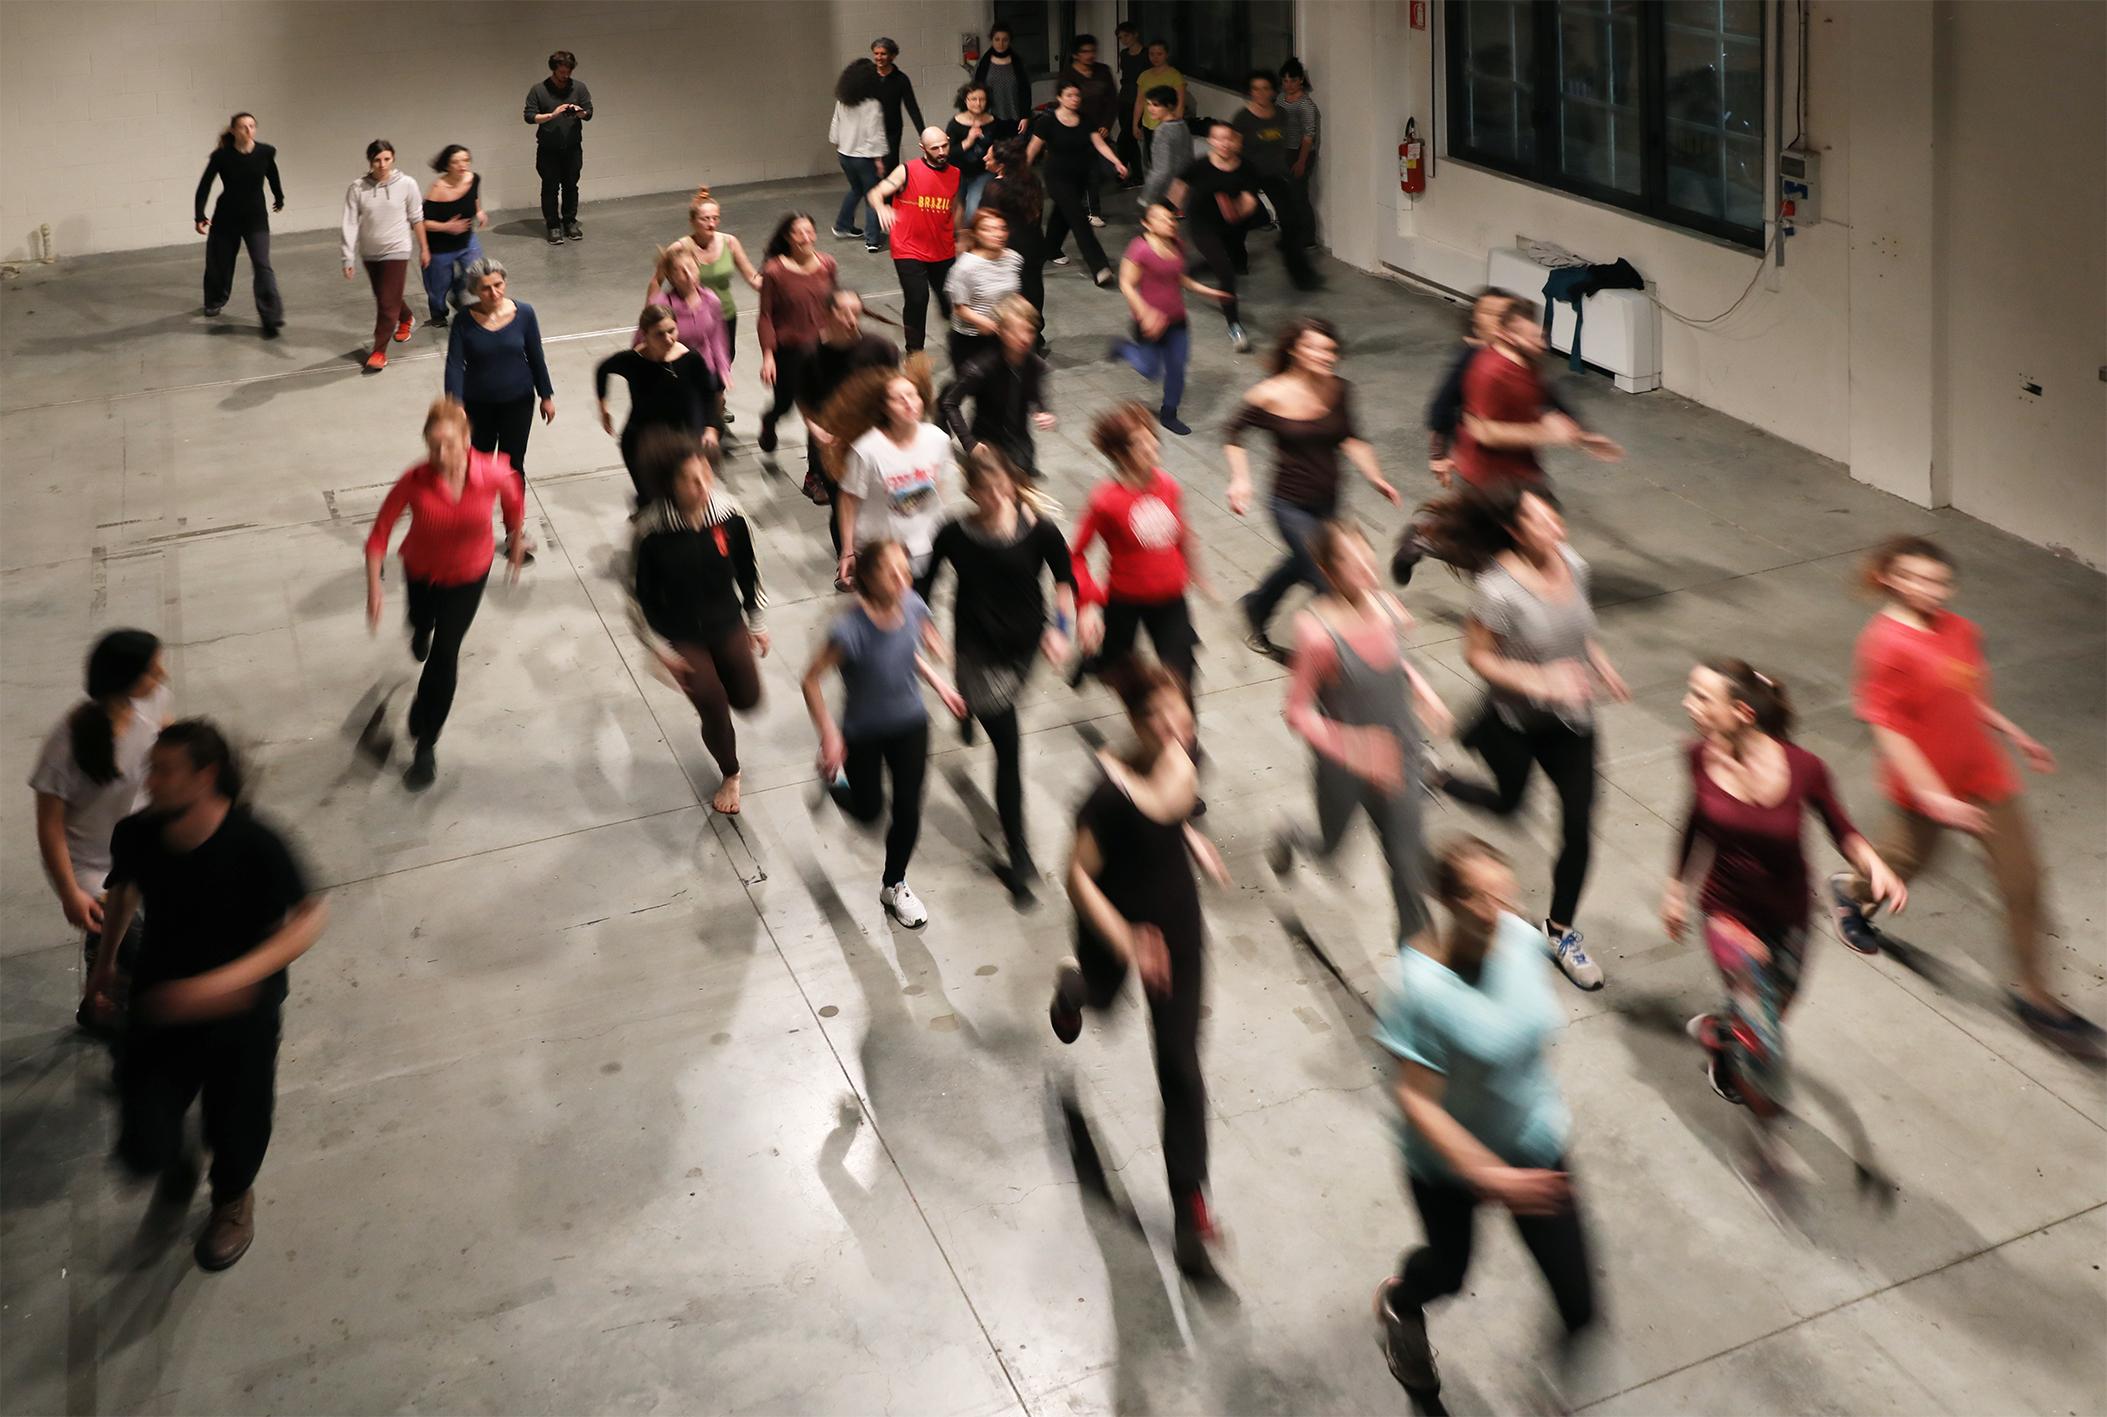 http://www.danzaurbana.eu/festival/wp-content/uploads/Stormo_1K1A5338_lite.jpg